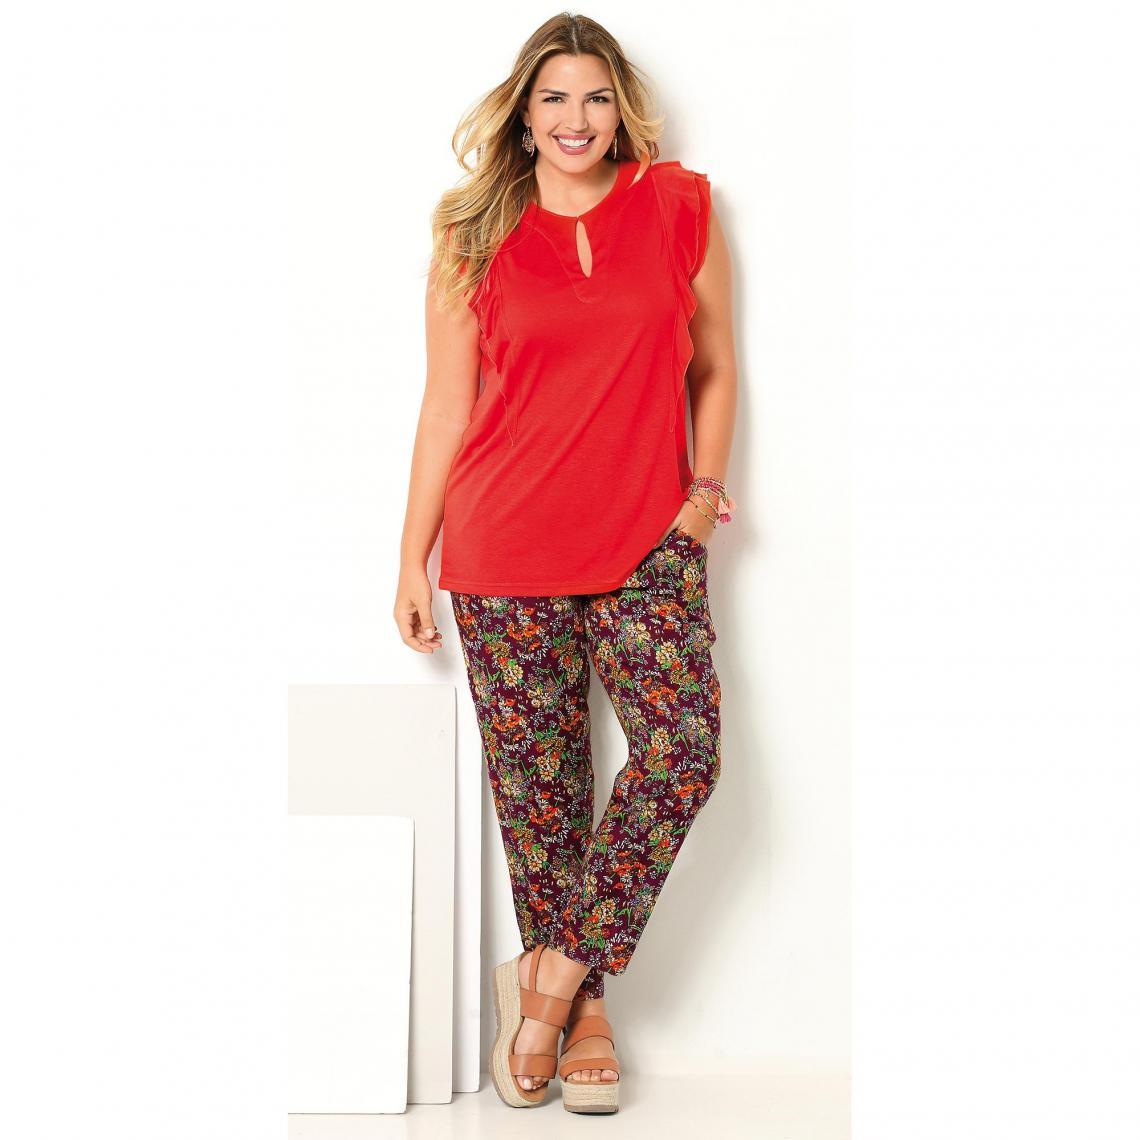 Pantalon imprimé taille élastique et poches - Violet - 3 SUISSES - Modalova